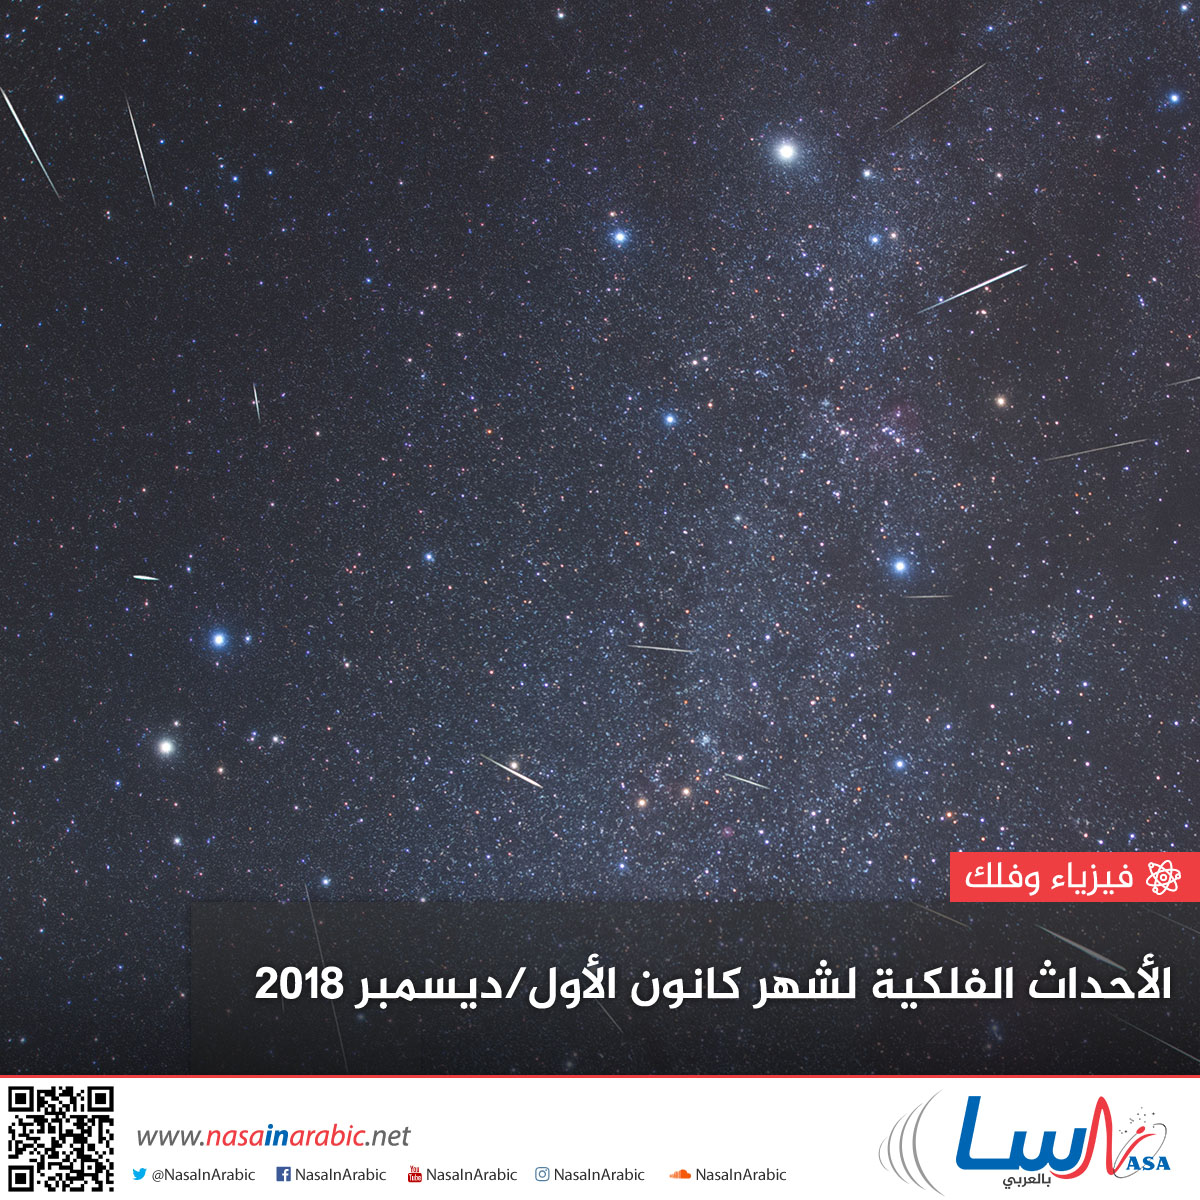 الأحداث الفلكية لشهر كانون الأول/ديسمبر 2018